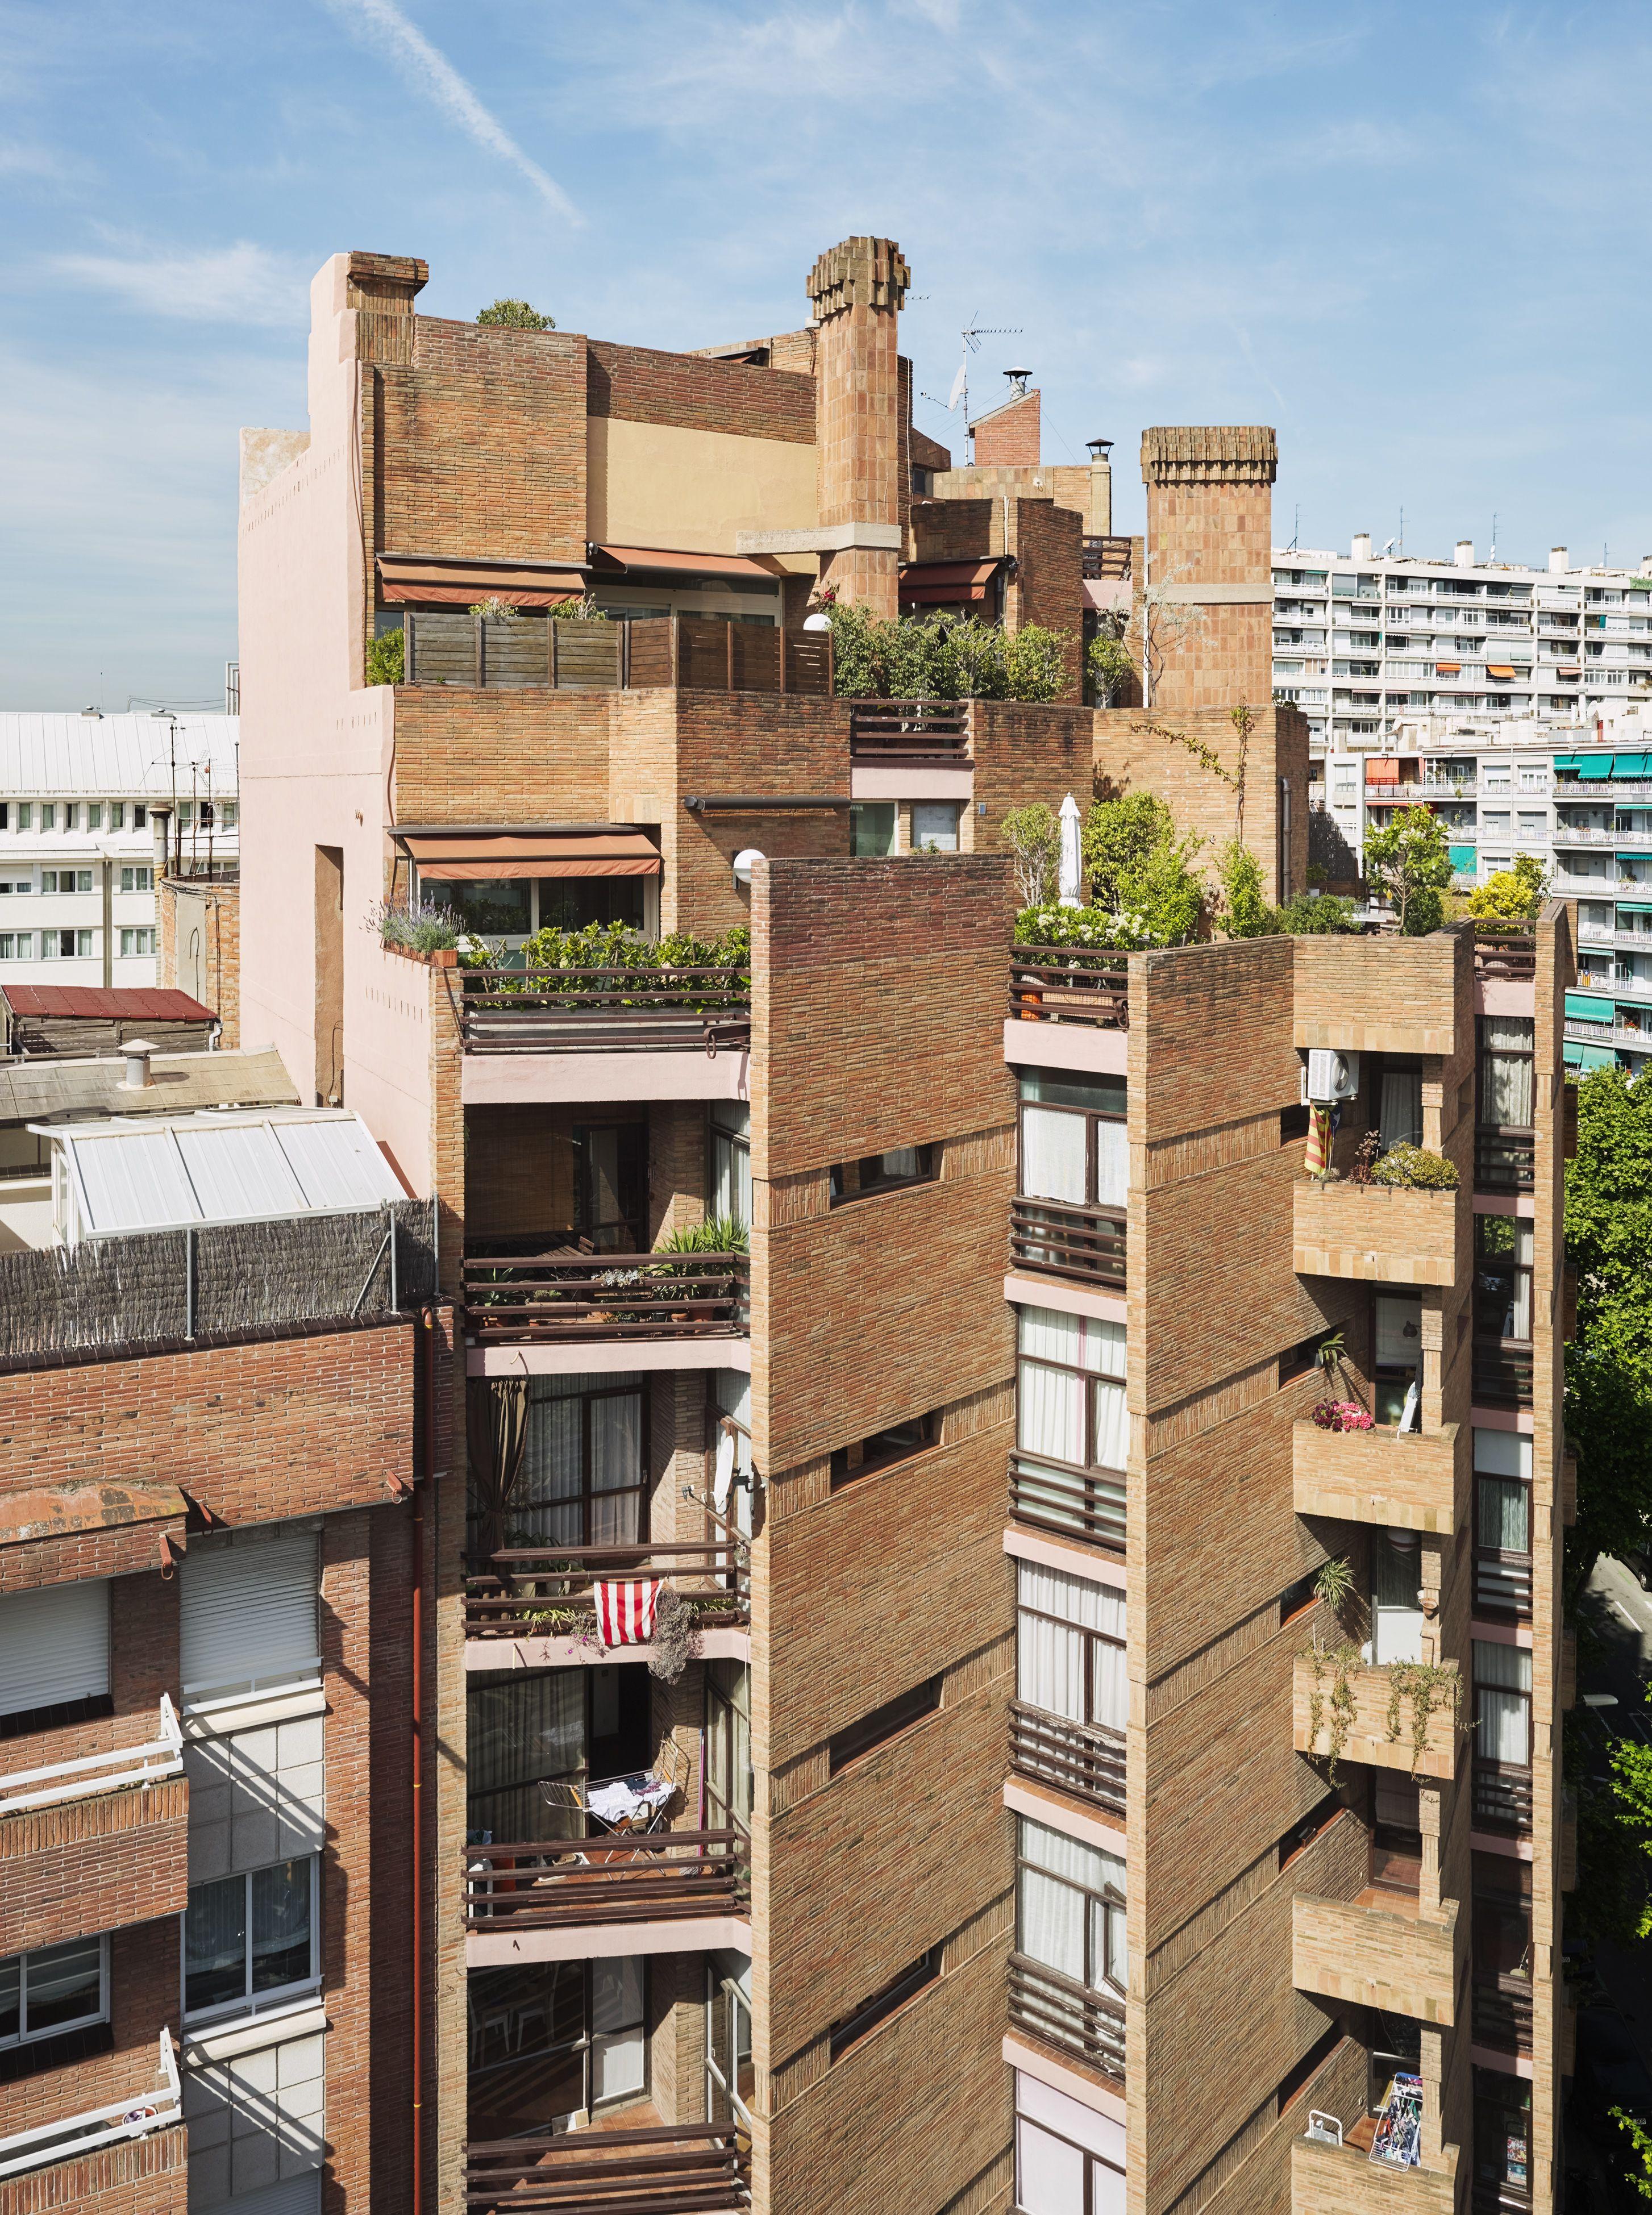 Nicaragua Apartment Building In Barcelona, Spain Ricardo Bofill Taller De